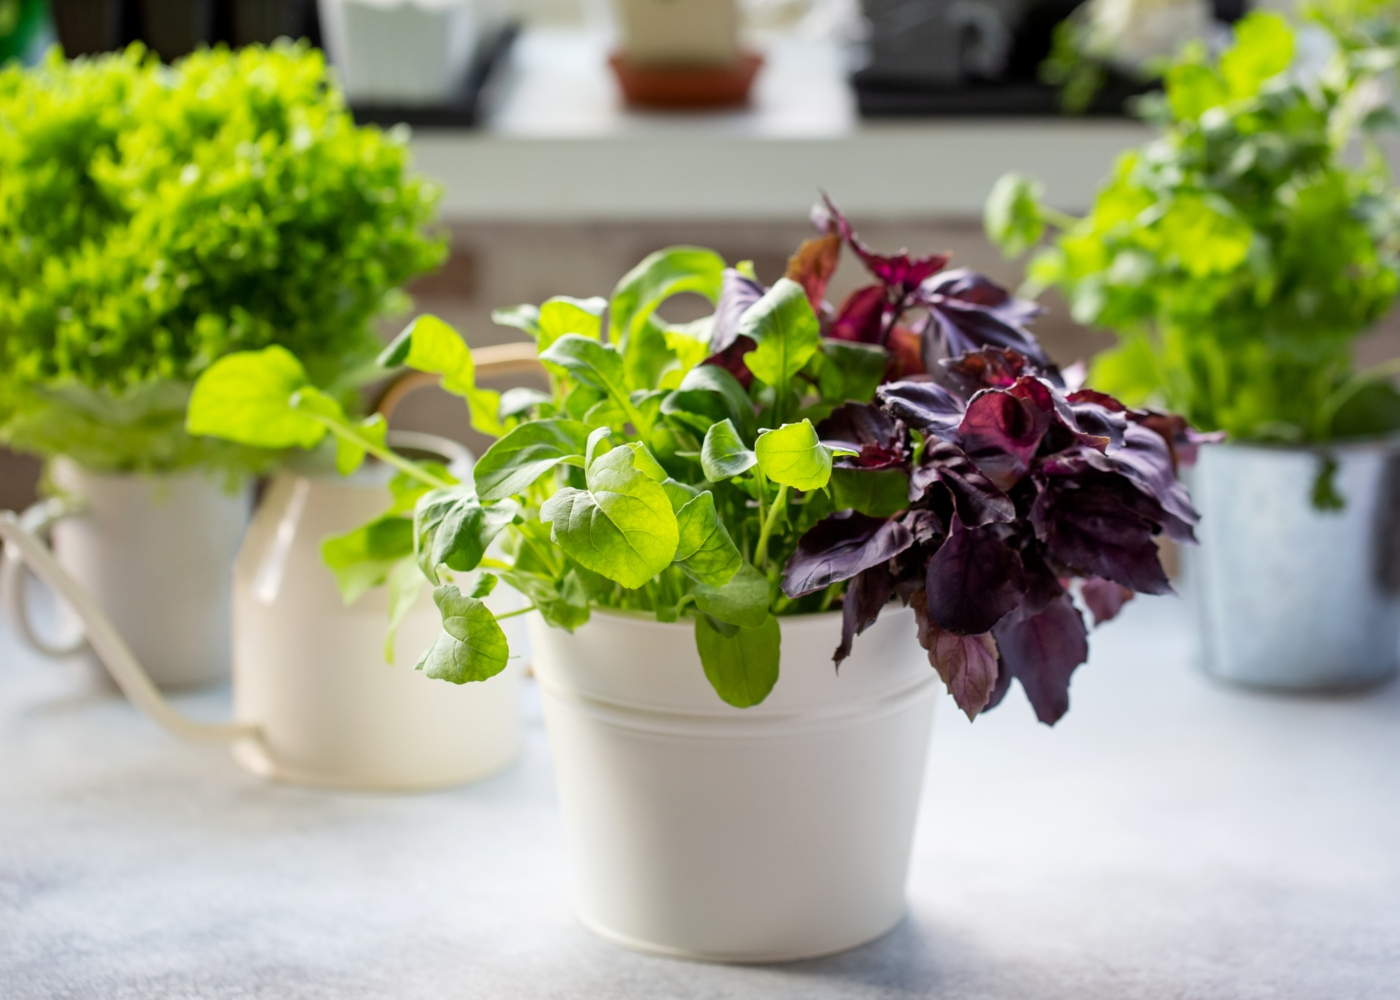 Vasos com ervas aromáticas